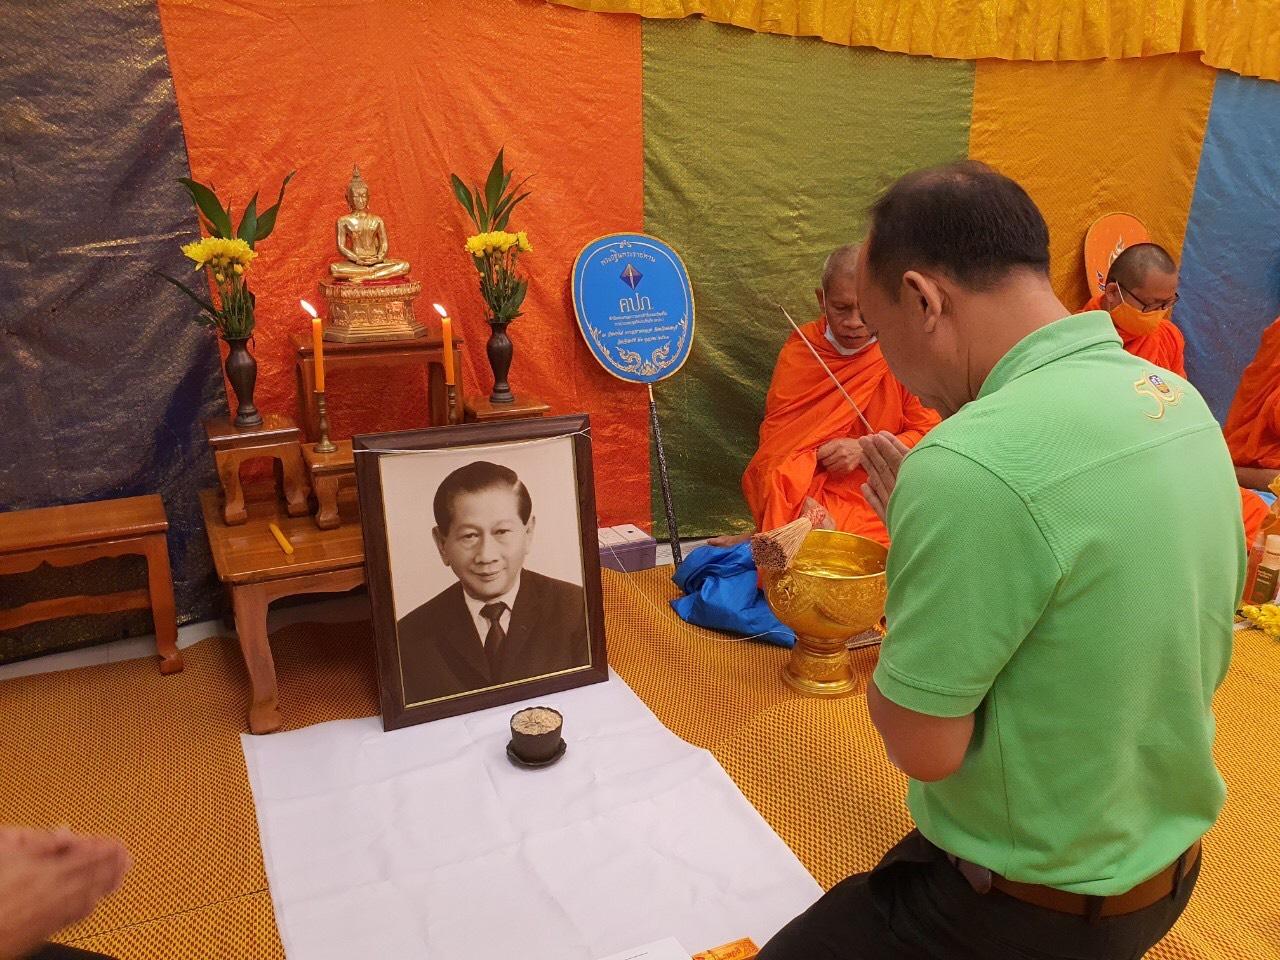 ธ.ก.ส.นนทบุรี ทำบุญสถาปนาครบรอบ 54 ปี